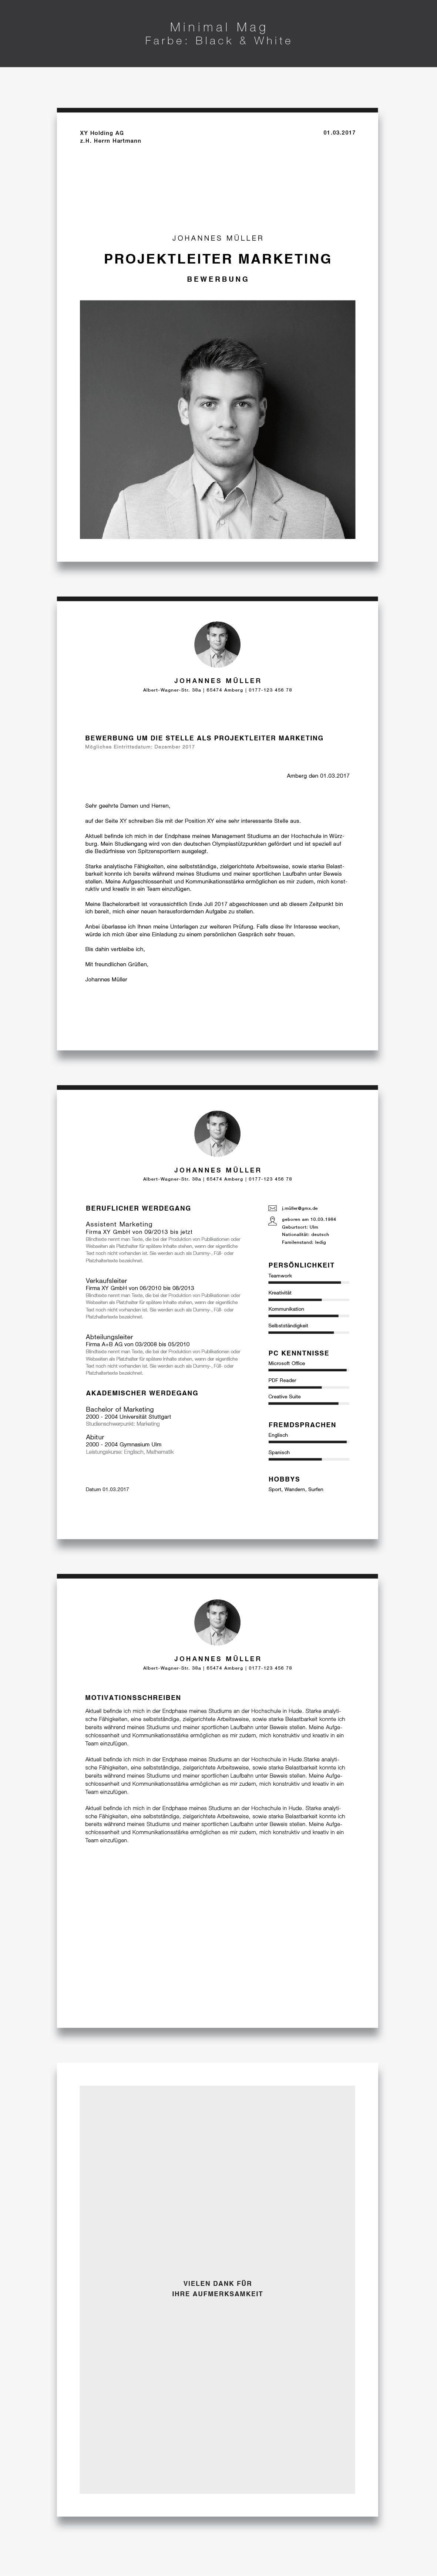 Bewerbungsvorlage Lebenslauf Minimal Mag Lebenslauf Design Kreativer Lebenslauf Lebenslauf